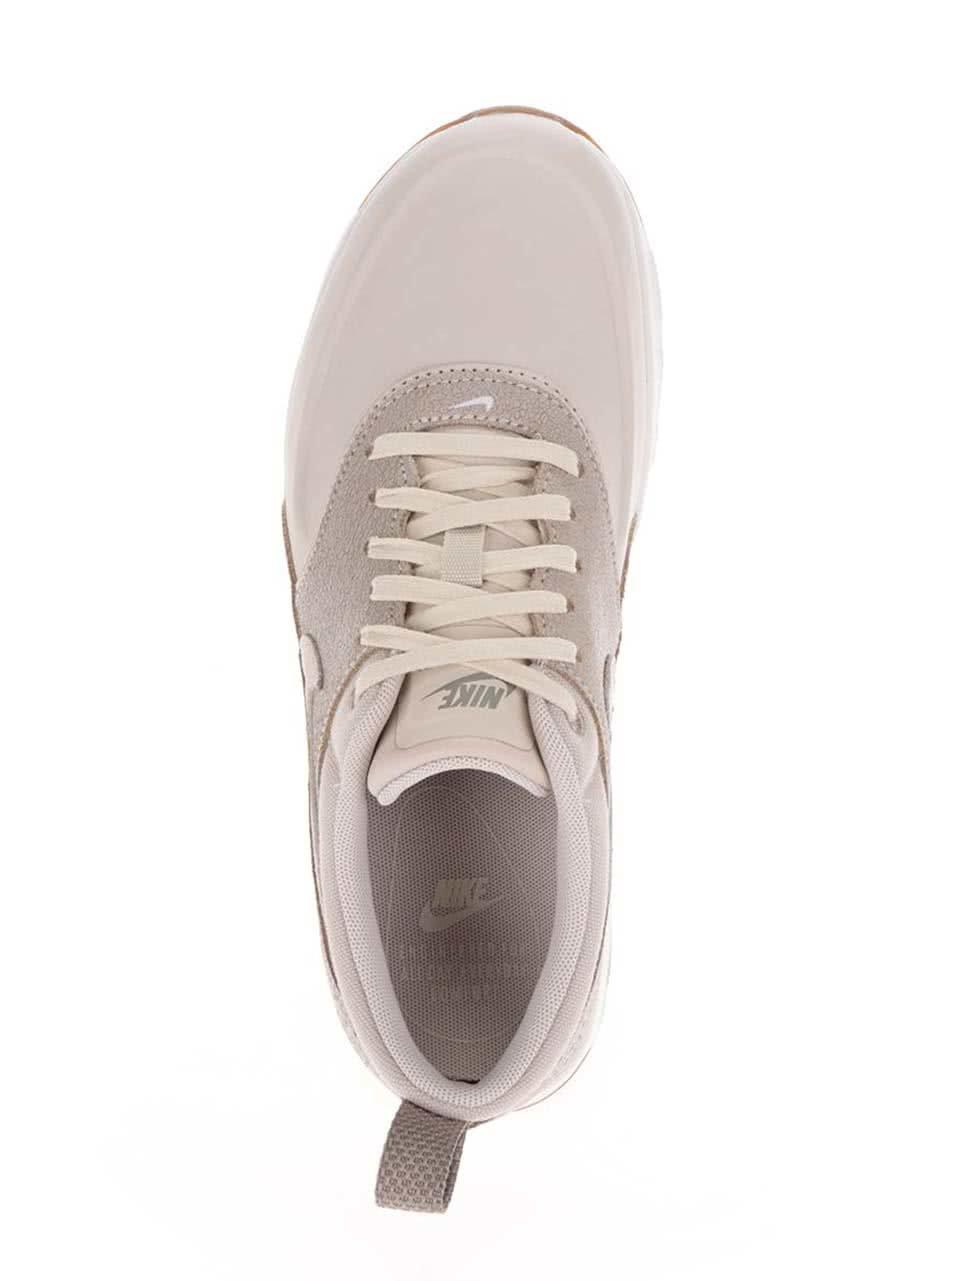 754b9cfe0a Béžové dámske kožené tenisky Nike Air Max Thea Premium ...